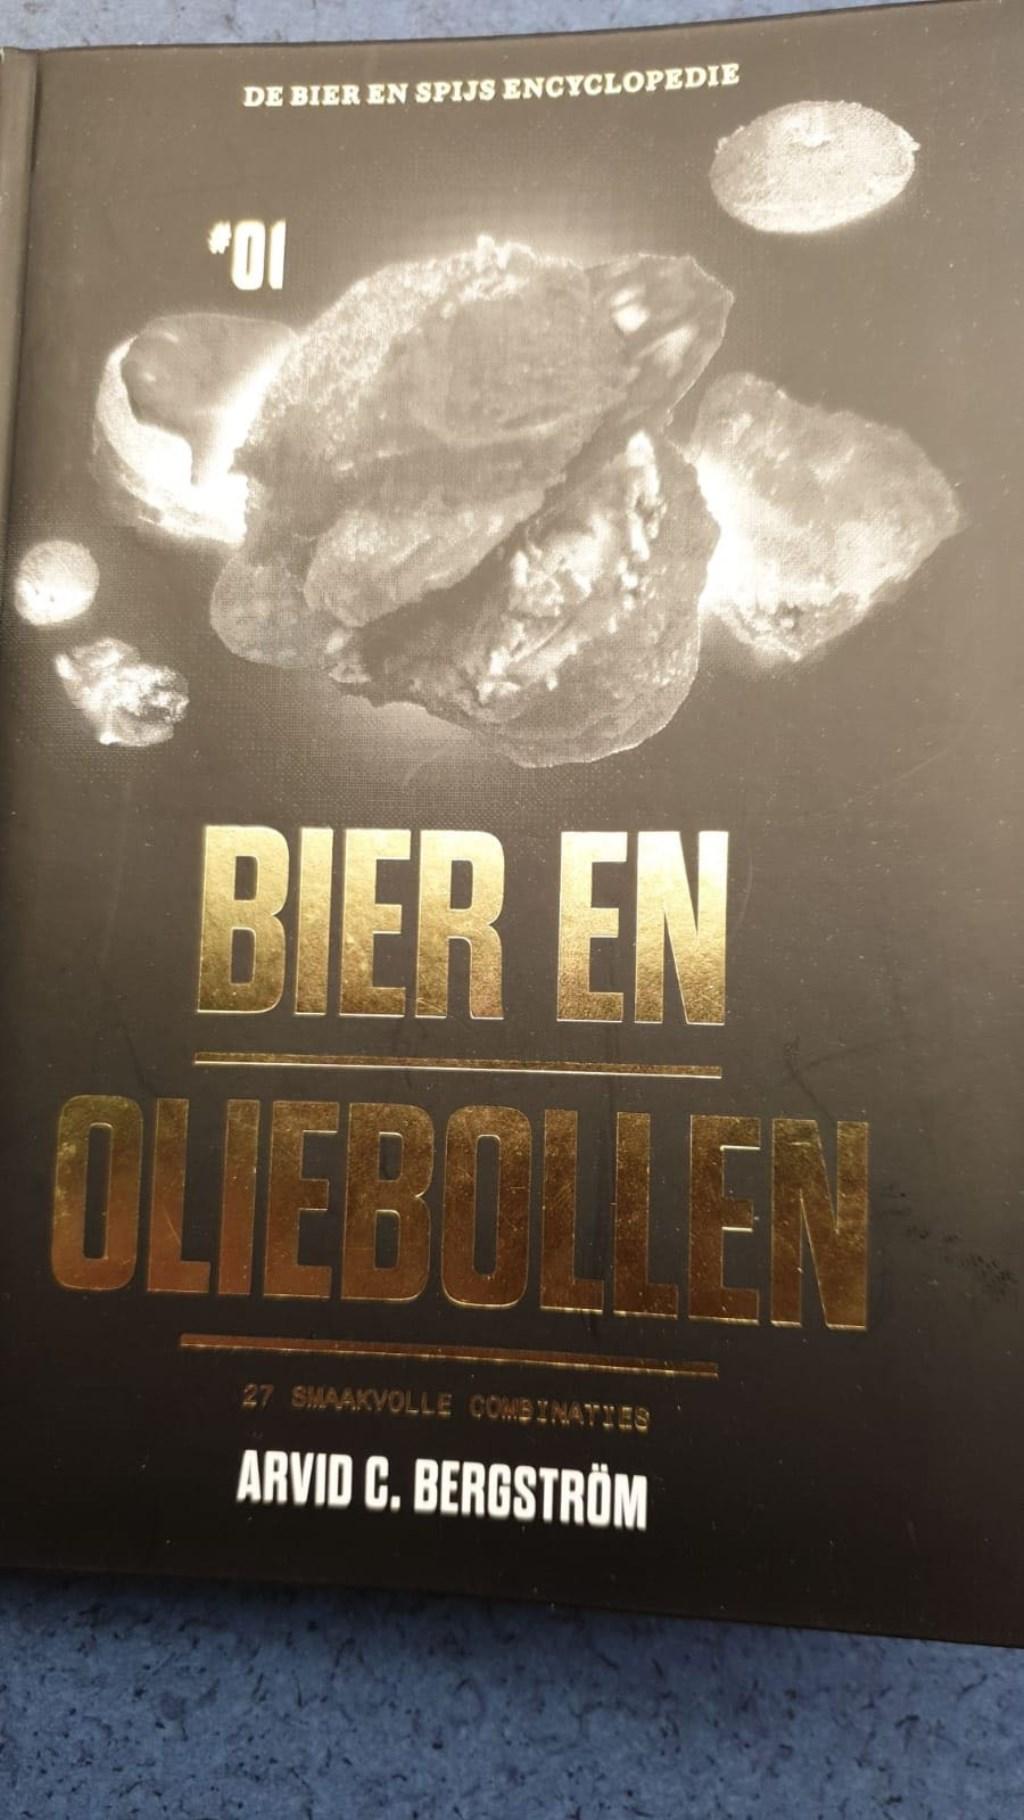 Oliebol aangeboden door winkeliersvereniging. Een gratis oliebol en boekje ter inspiratie ' Bier en Oliebollen'.  © Uitkijkpost Media B.v.